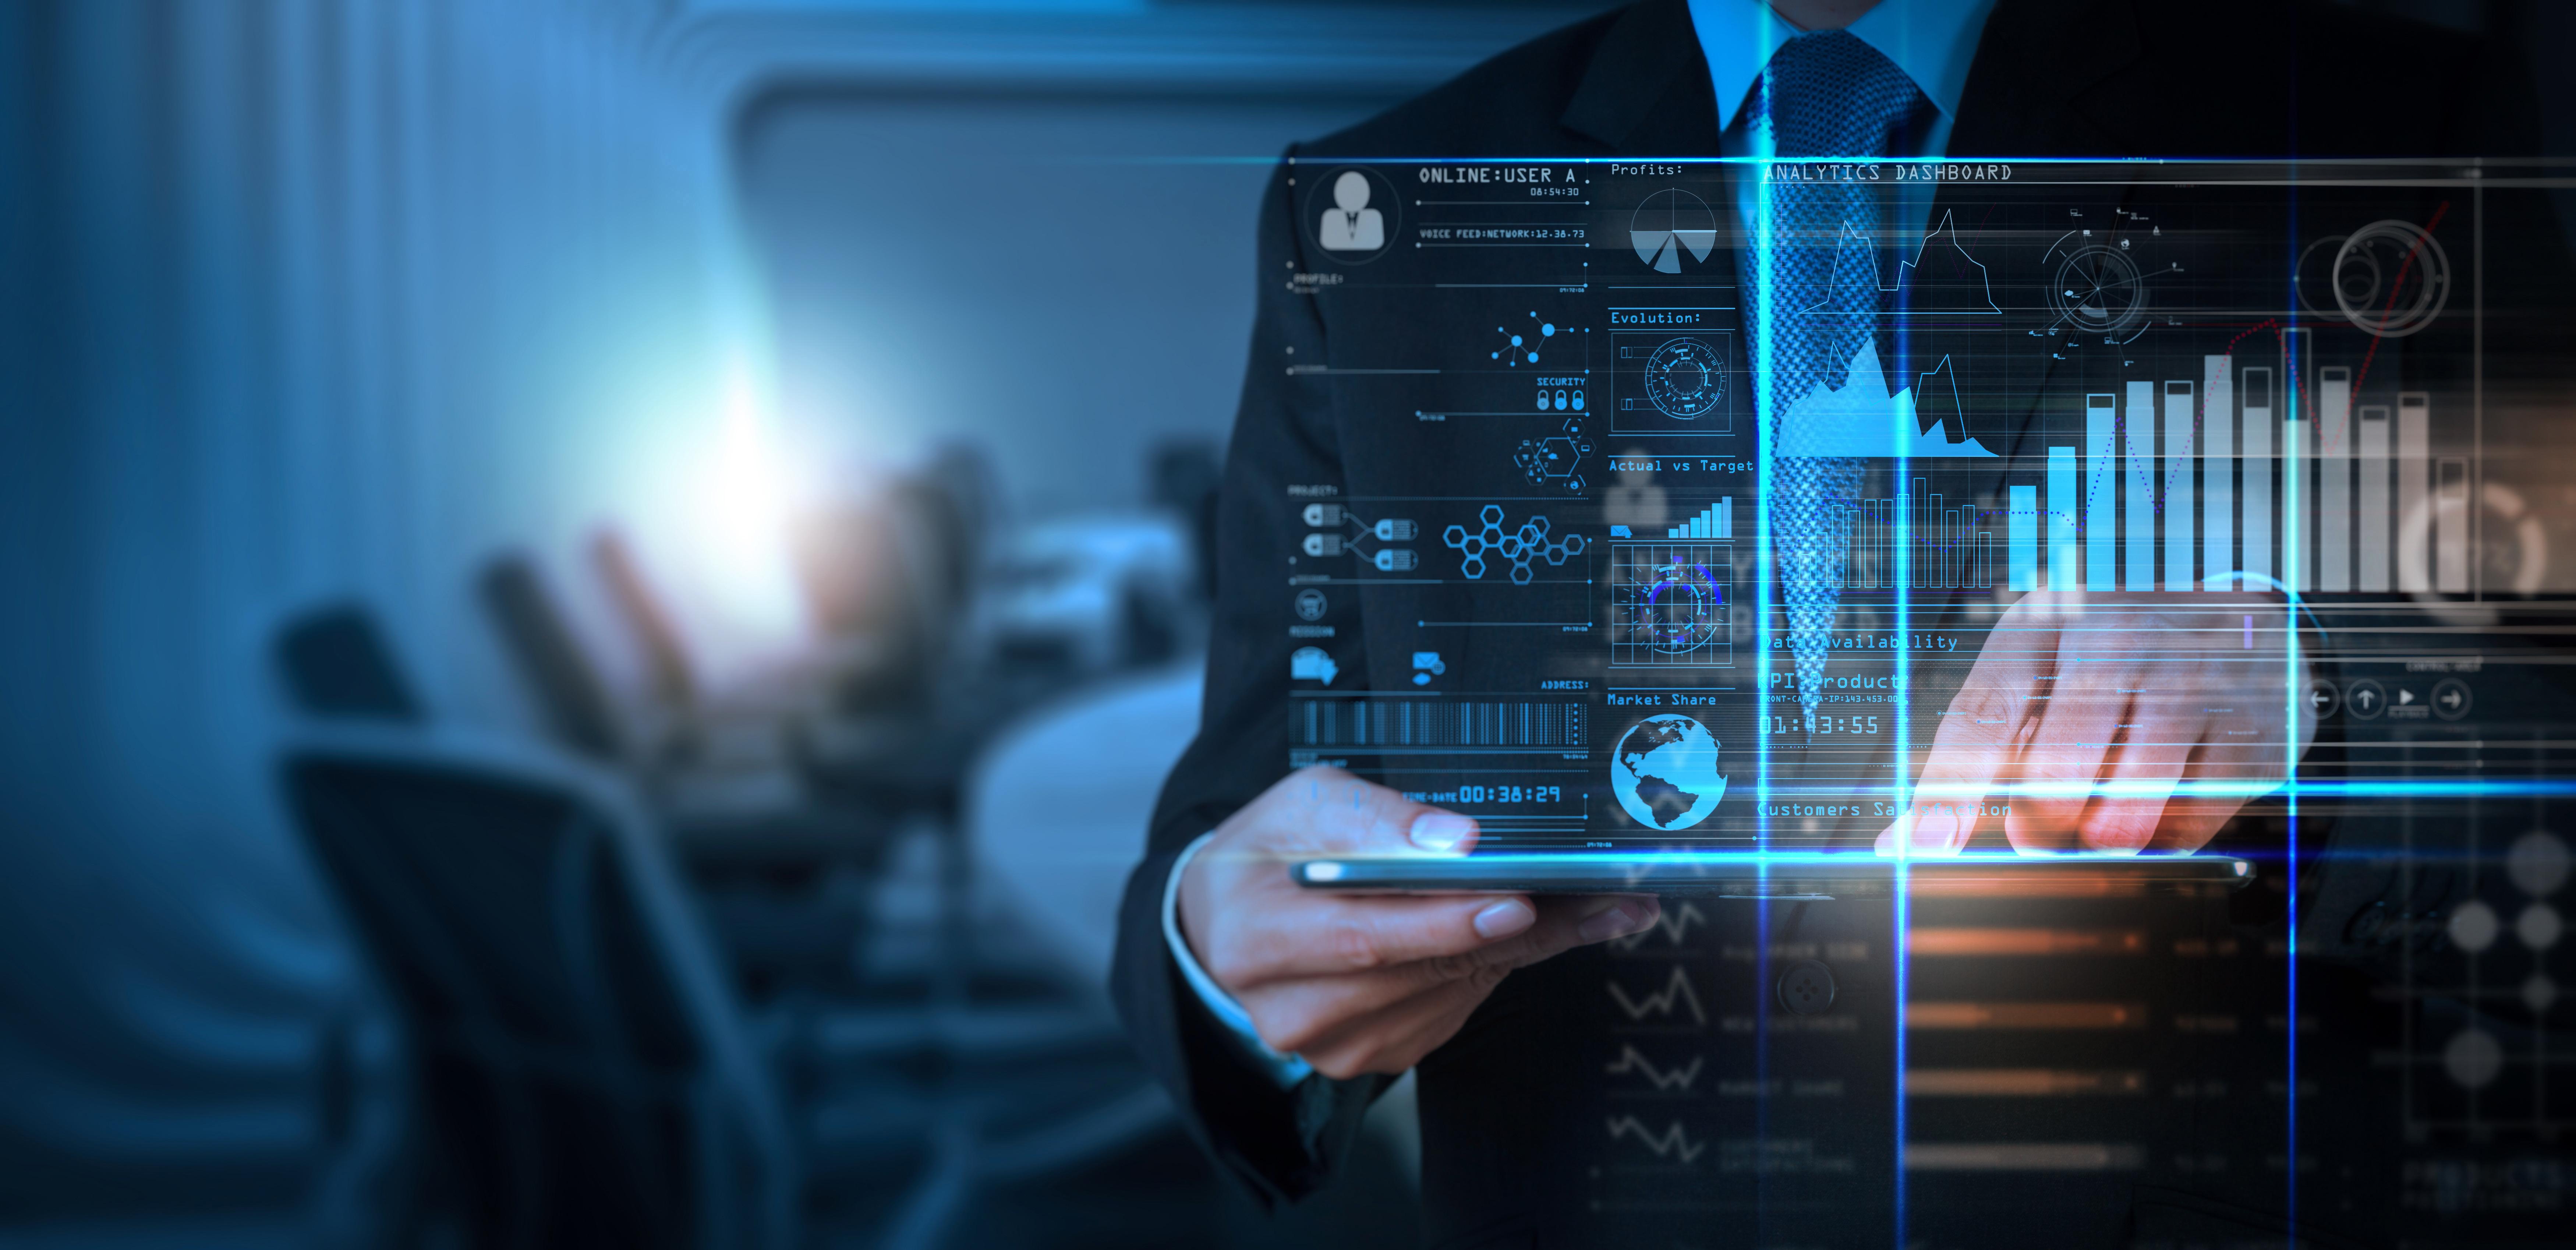 Online Master's in Finance